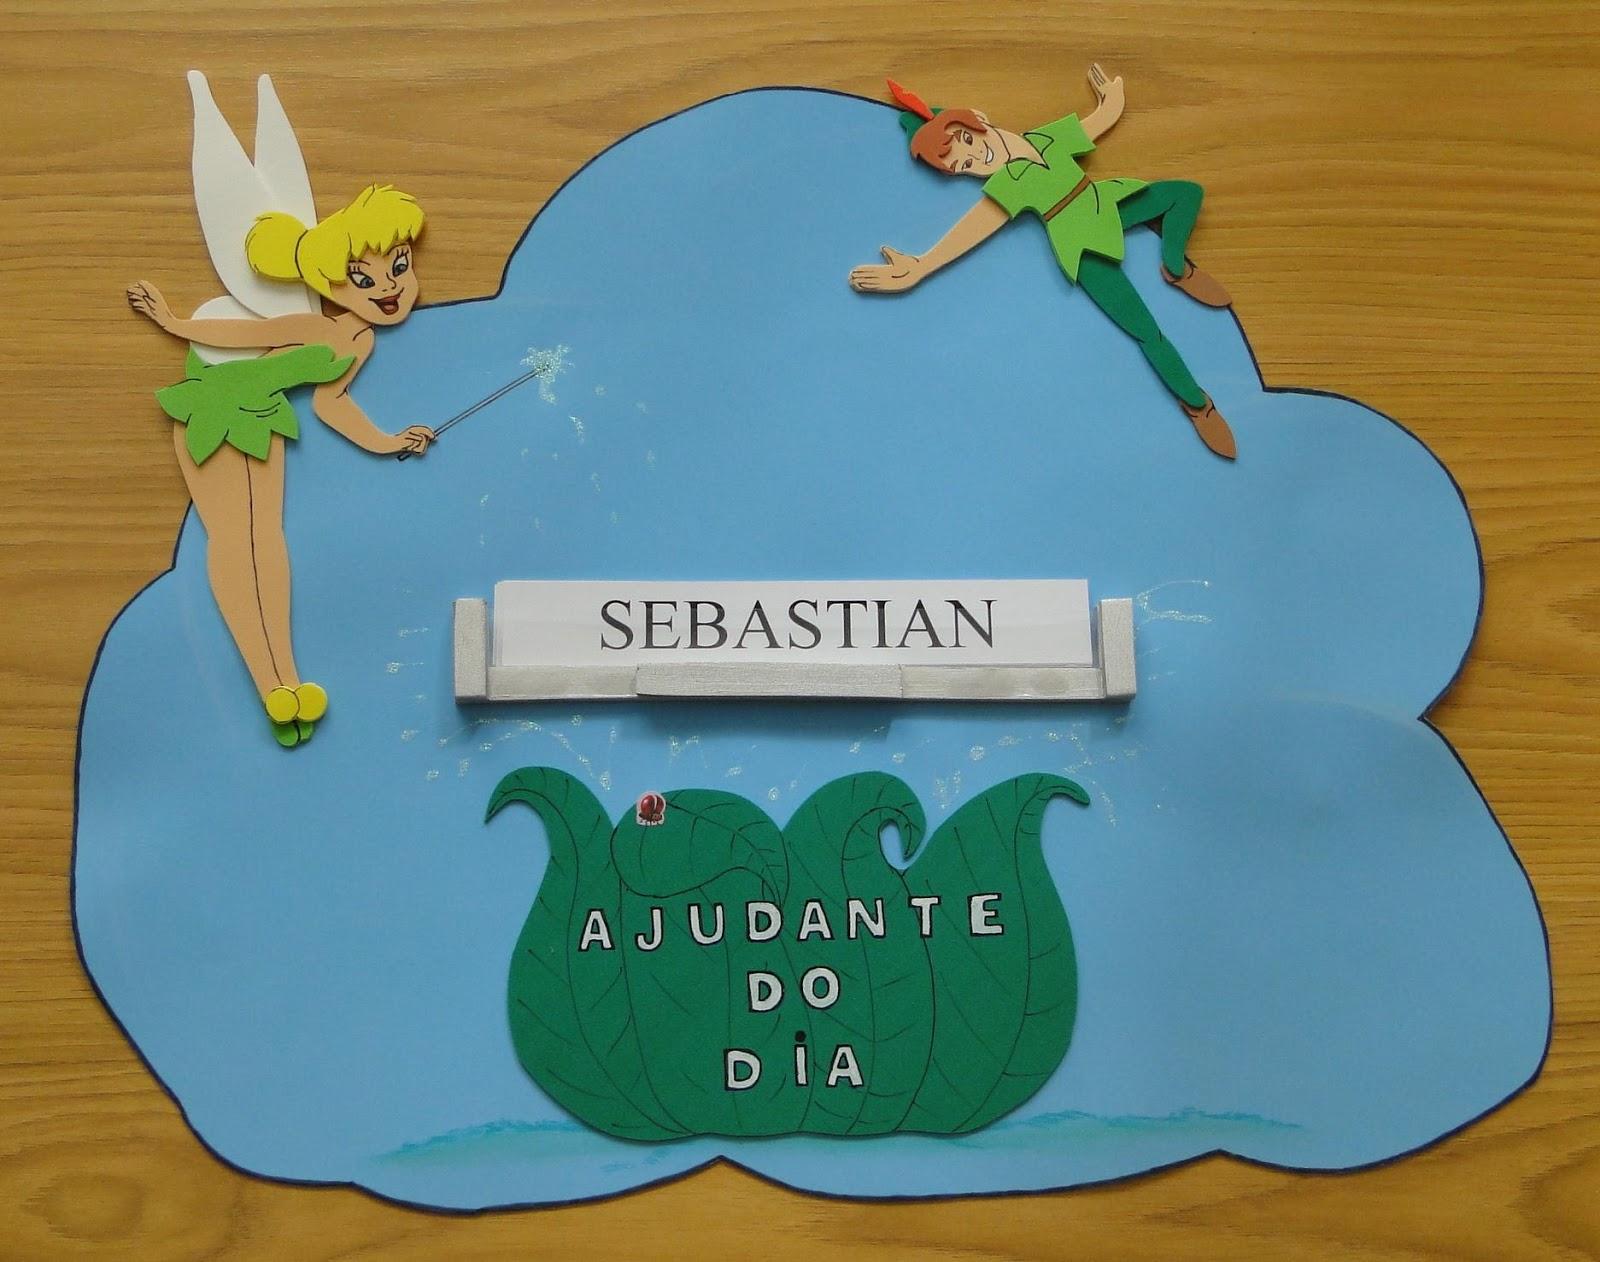 decoracao de sala aula em eva : decoracao de sala aula em eva:Moldes ou prontos: Decoração de Sala de Aula Peter Pan em EVA